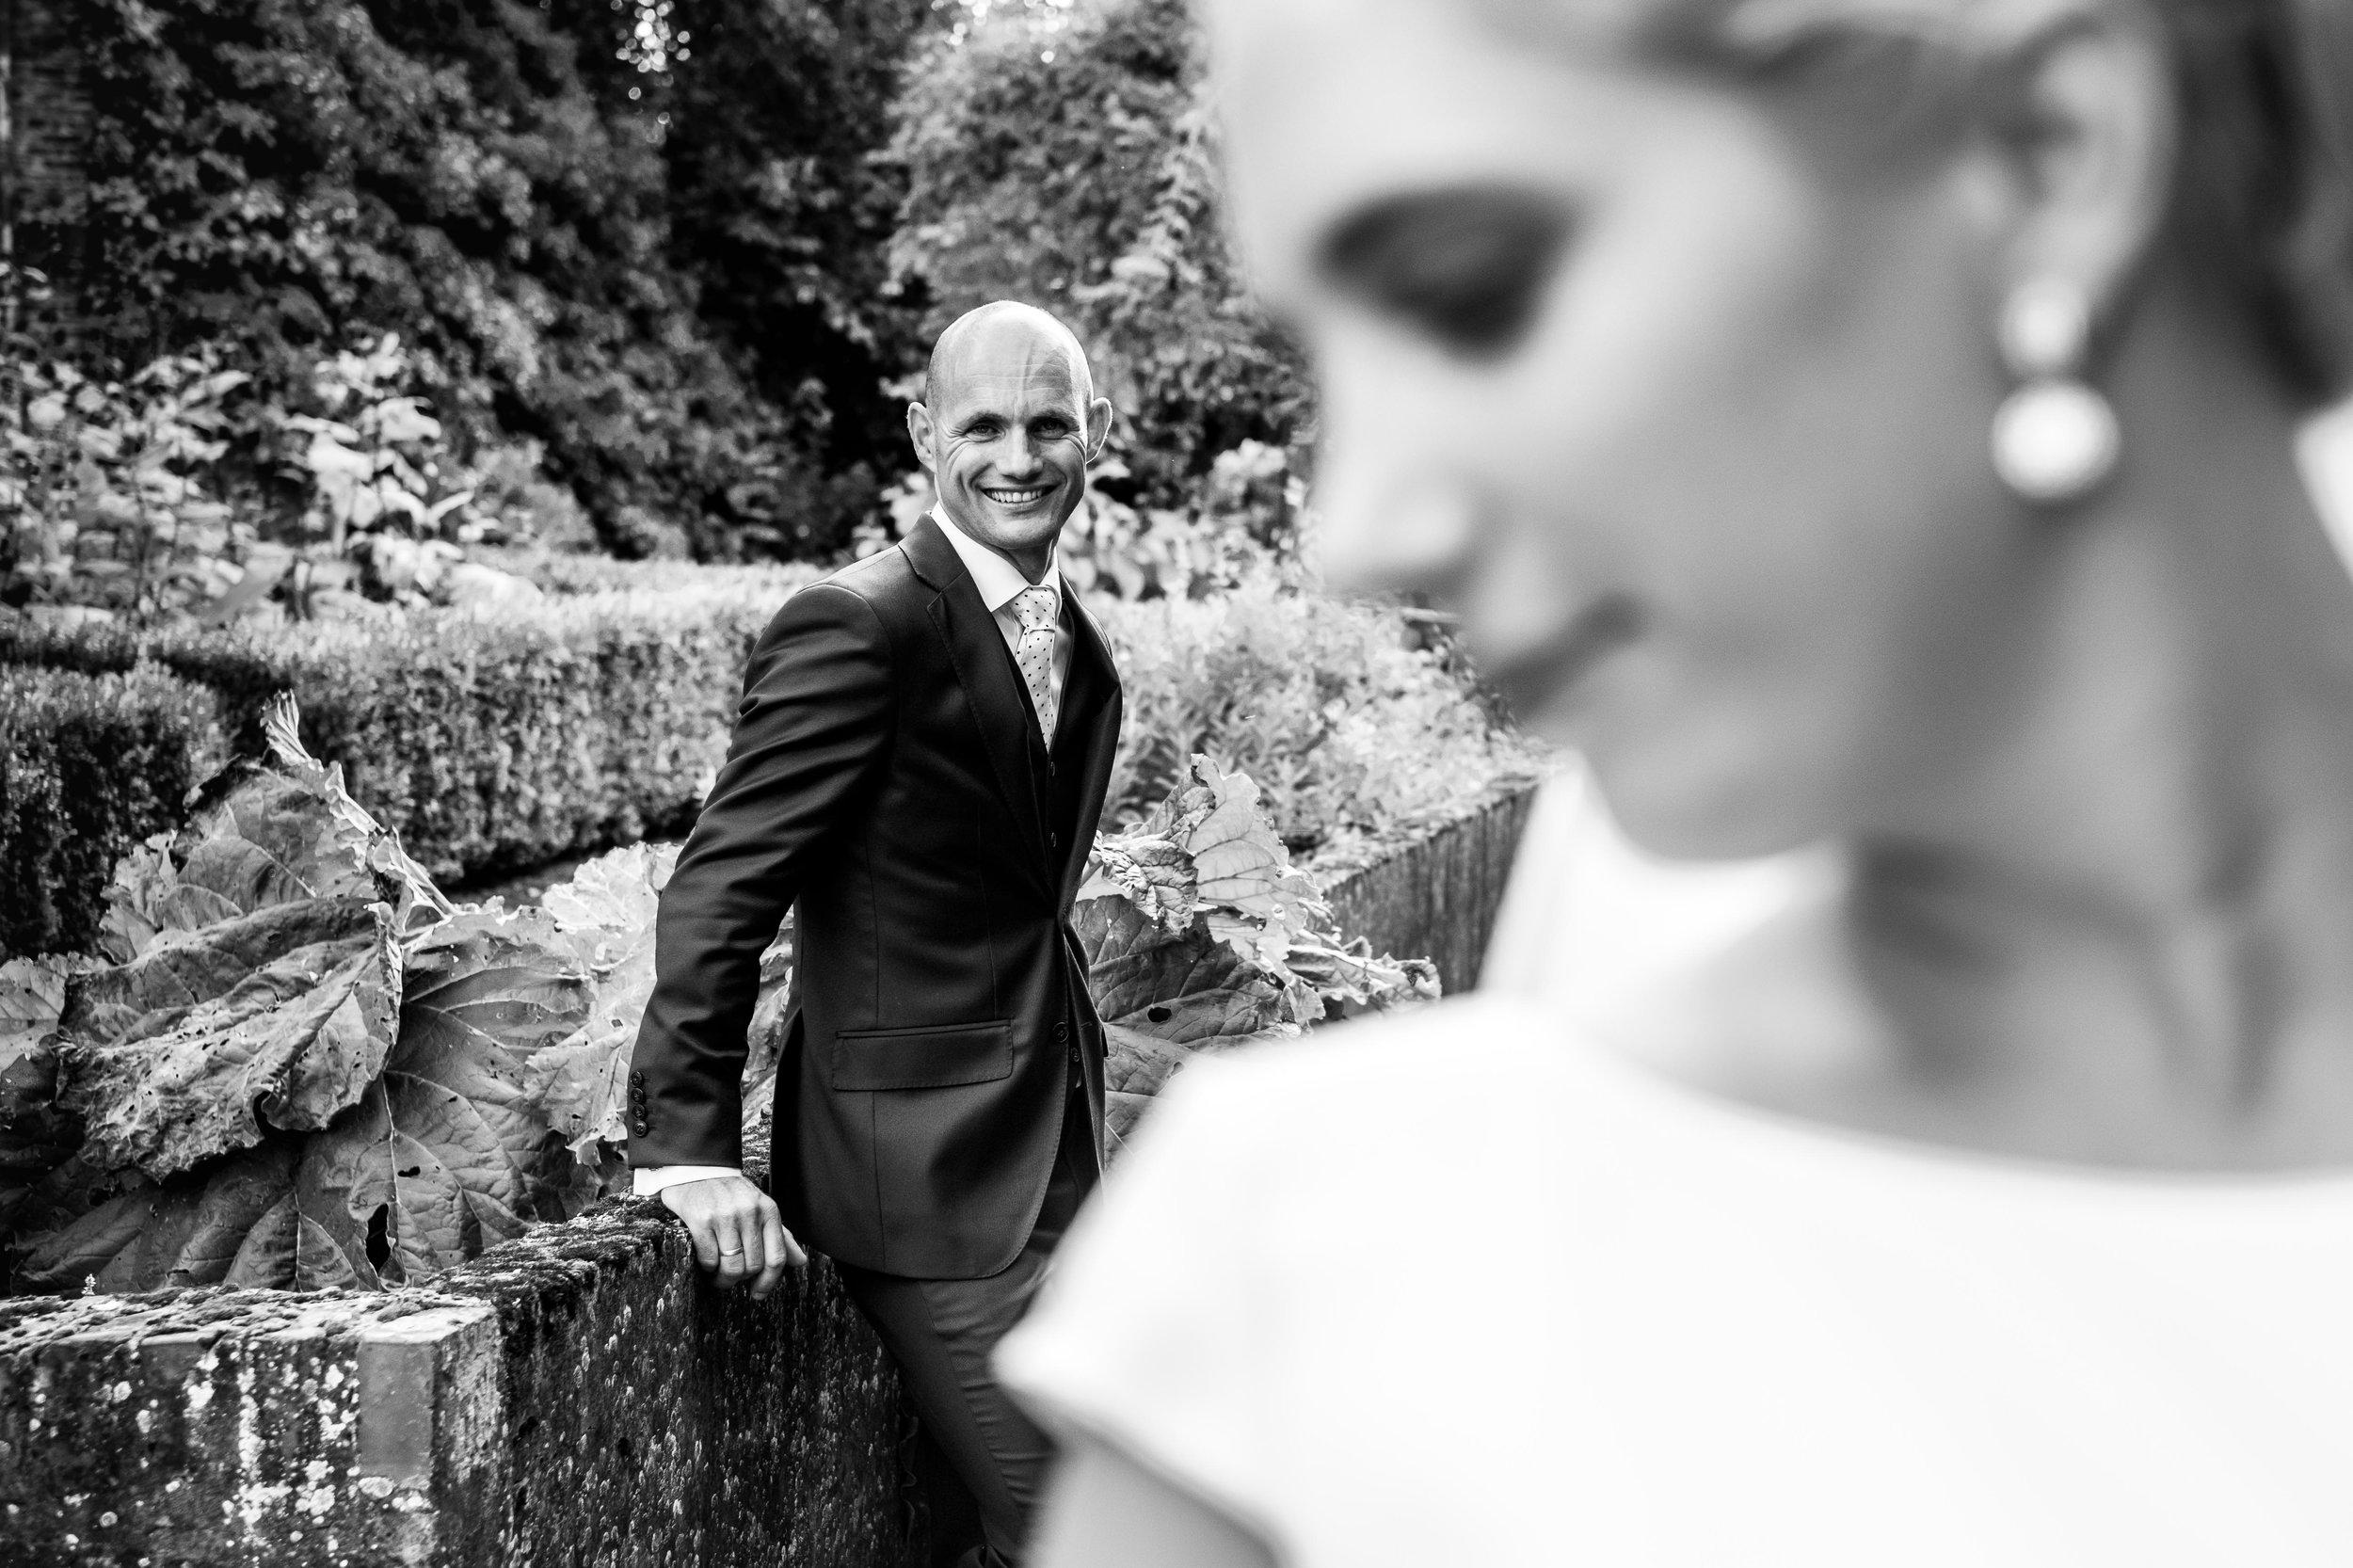 Hochzeitsfotograf Telgte amato 5.jpg